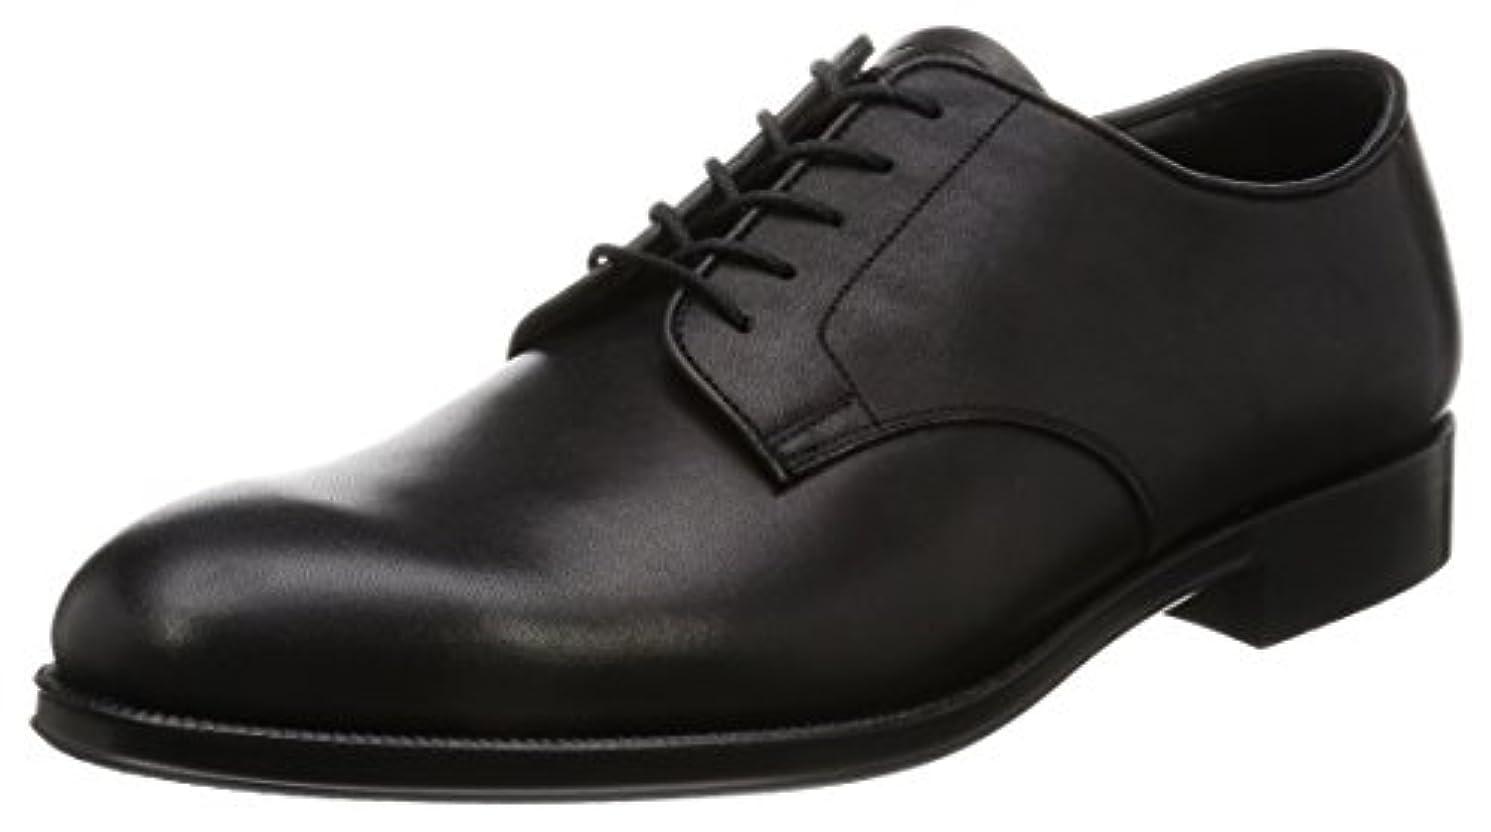 ツイン会社古くなった[フットストックオリジナルズ] SERVICEMAN SHOES (IMPERIAL SOLE) FS143403-I